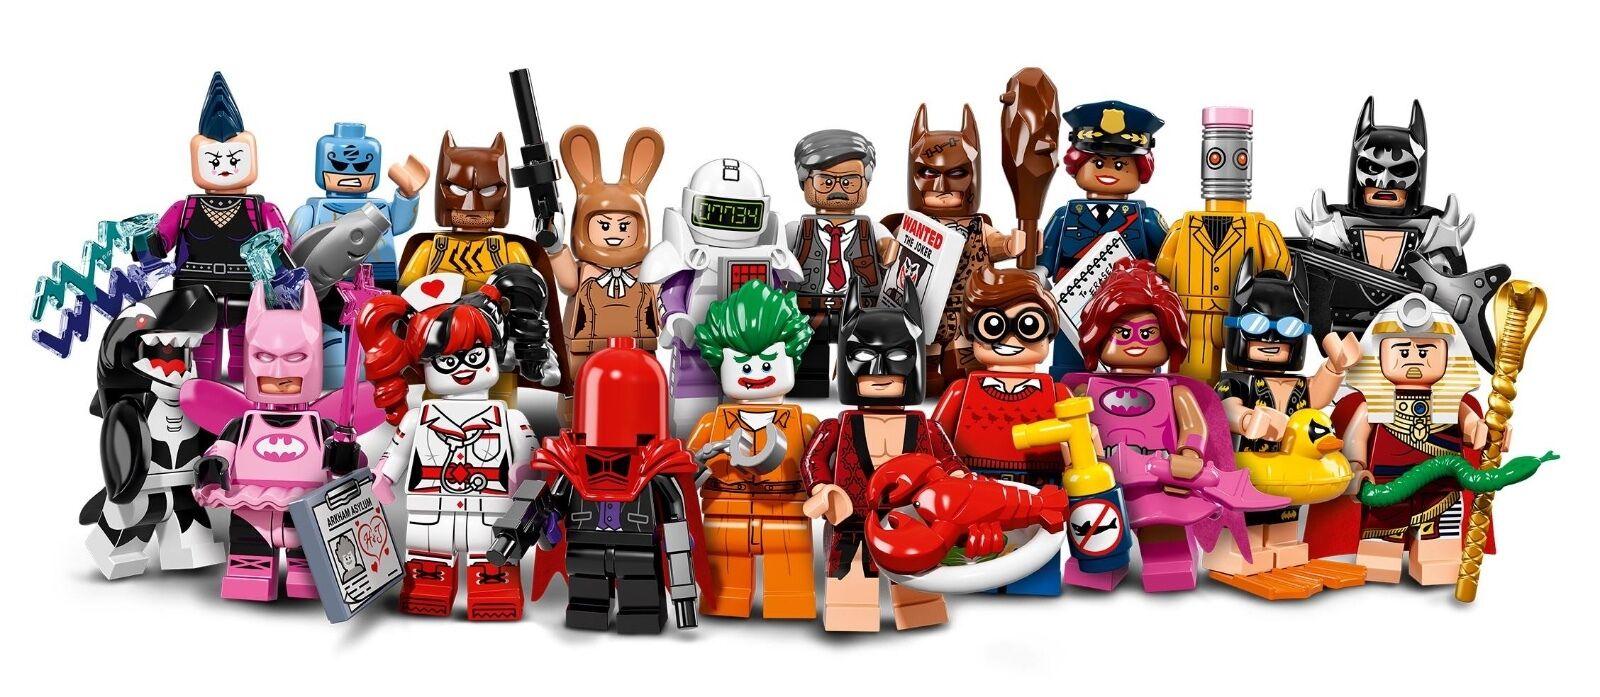 per offrirti un piacevole shopping online LEGO BATuomo MOVIE MOVIE MOVIE MINIcifraS COMPLETA SEALED SIGILLATA completare 20 71017  miglior prezzo migliore